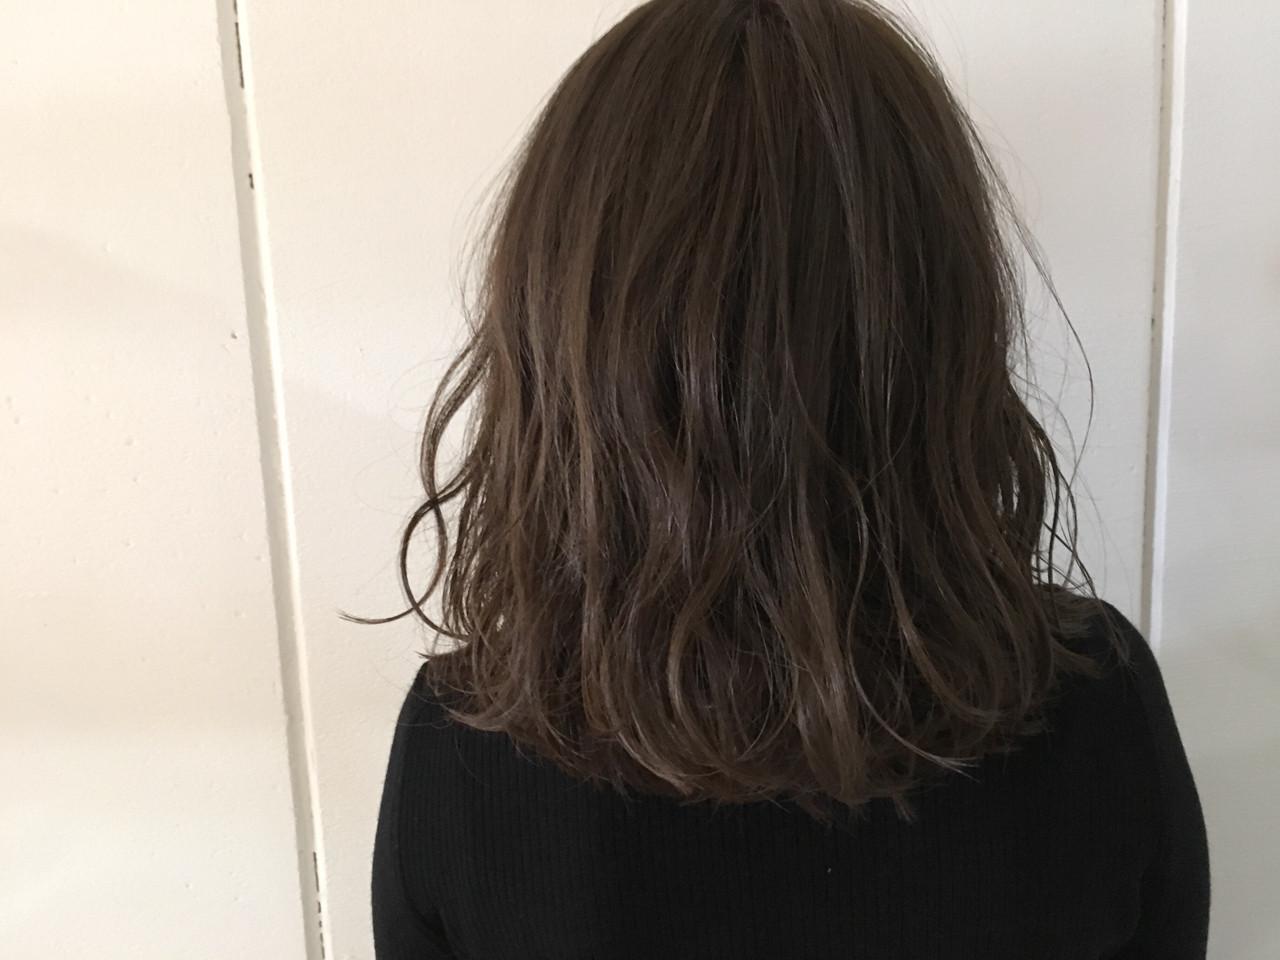 ミディアム グレージュ 大人かわいい 抜け感 ヘアスタイルや髪型の写真・画像 | 杉谷 将也 / DiLL / DiLL